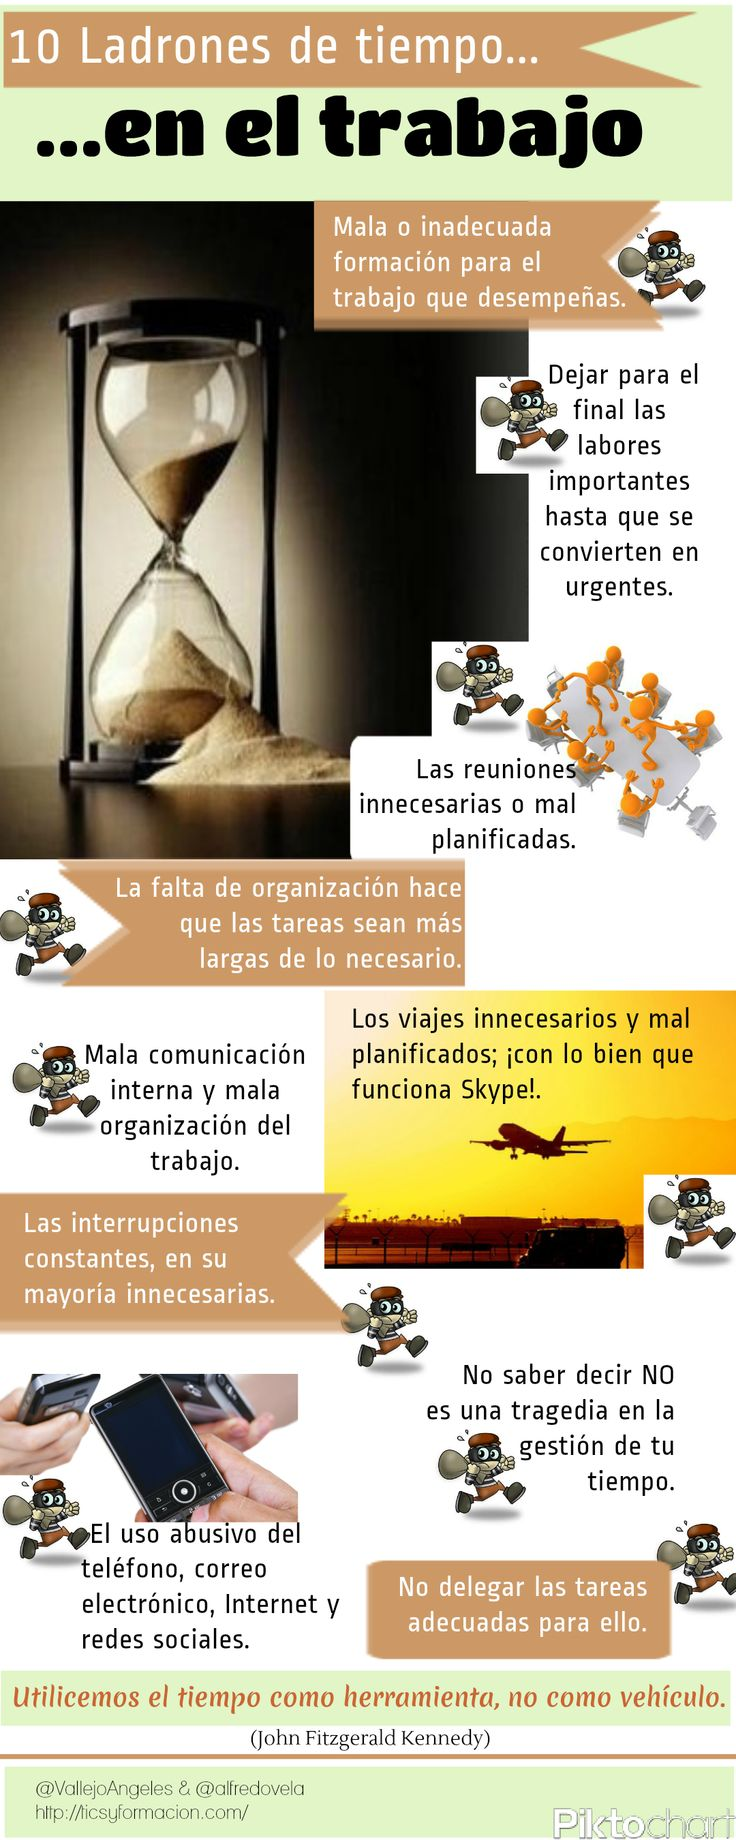 10 ladrones de tiempo en el trabajo #infografia #infographic